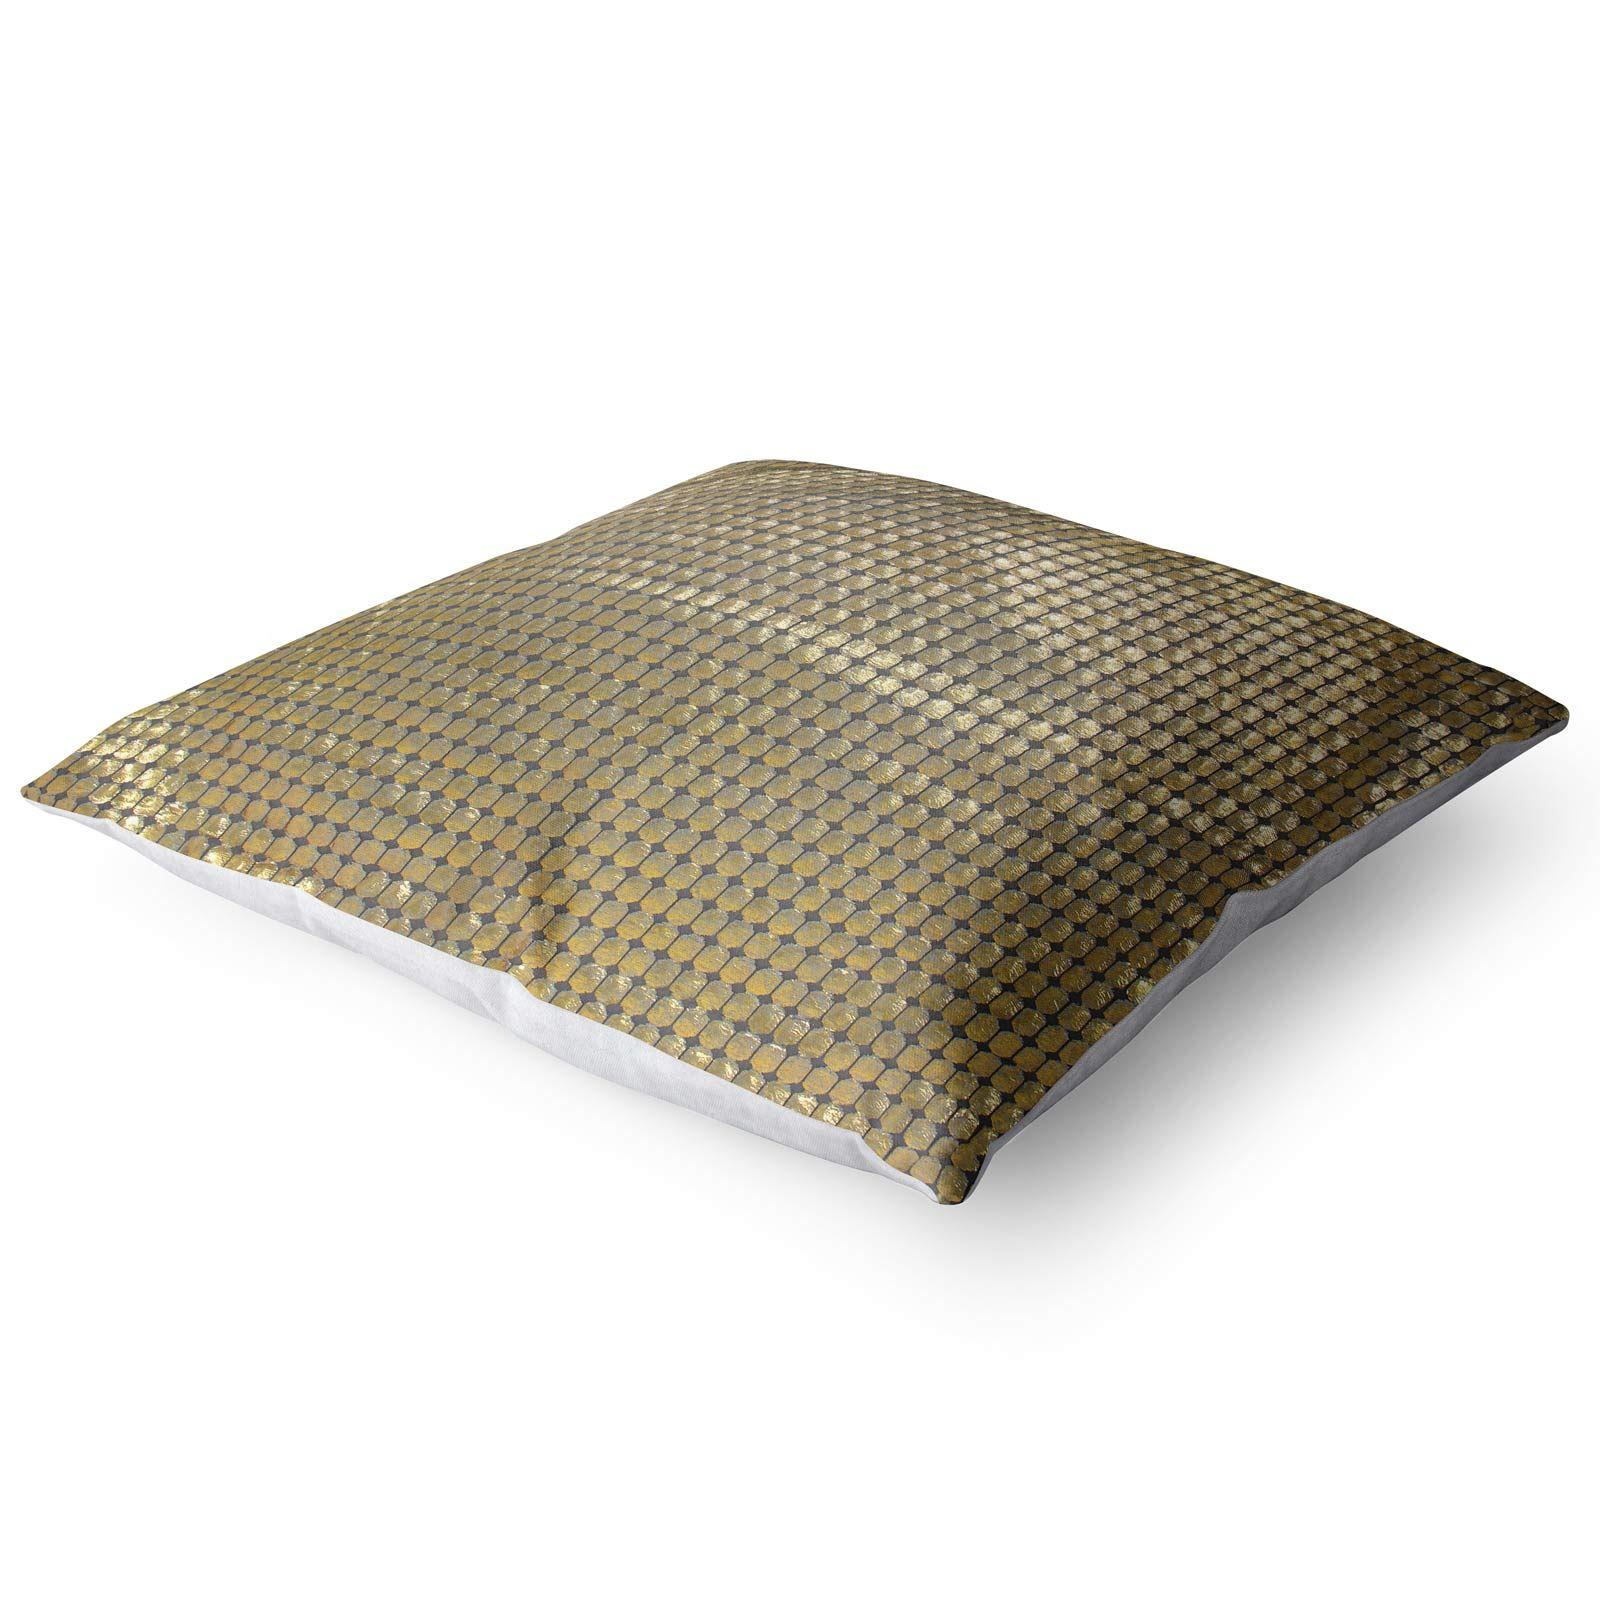 Impresion-de-lamina-metalica-Moderno-Funda-De-Cojin-Almohadon-cubiertas-de-cojines-18-034-X-18-034 miniatura 9